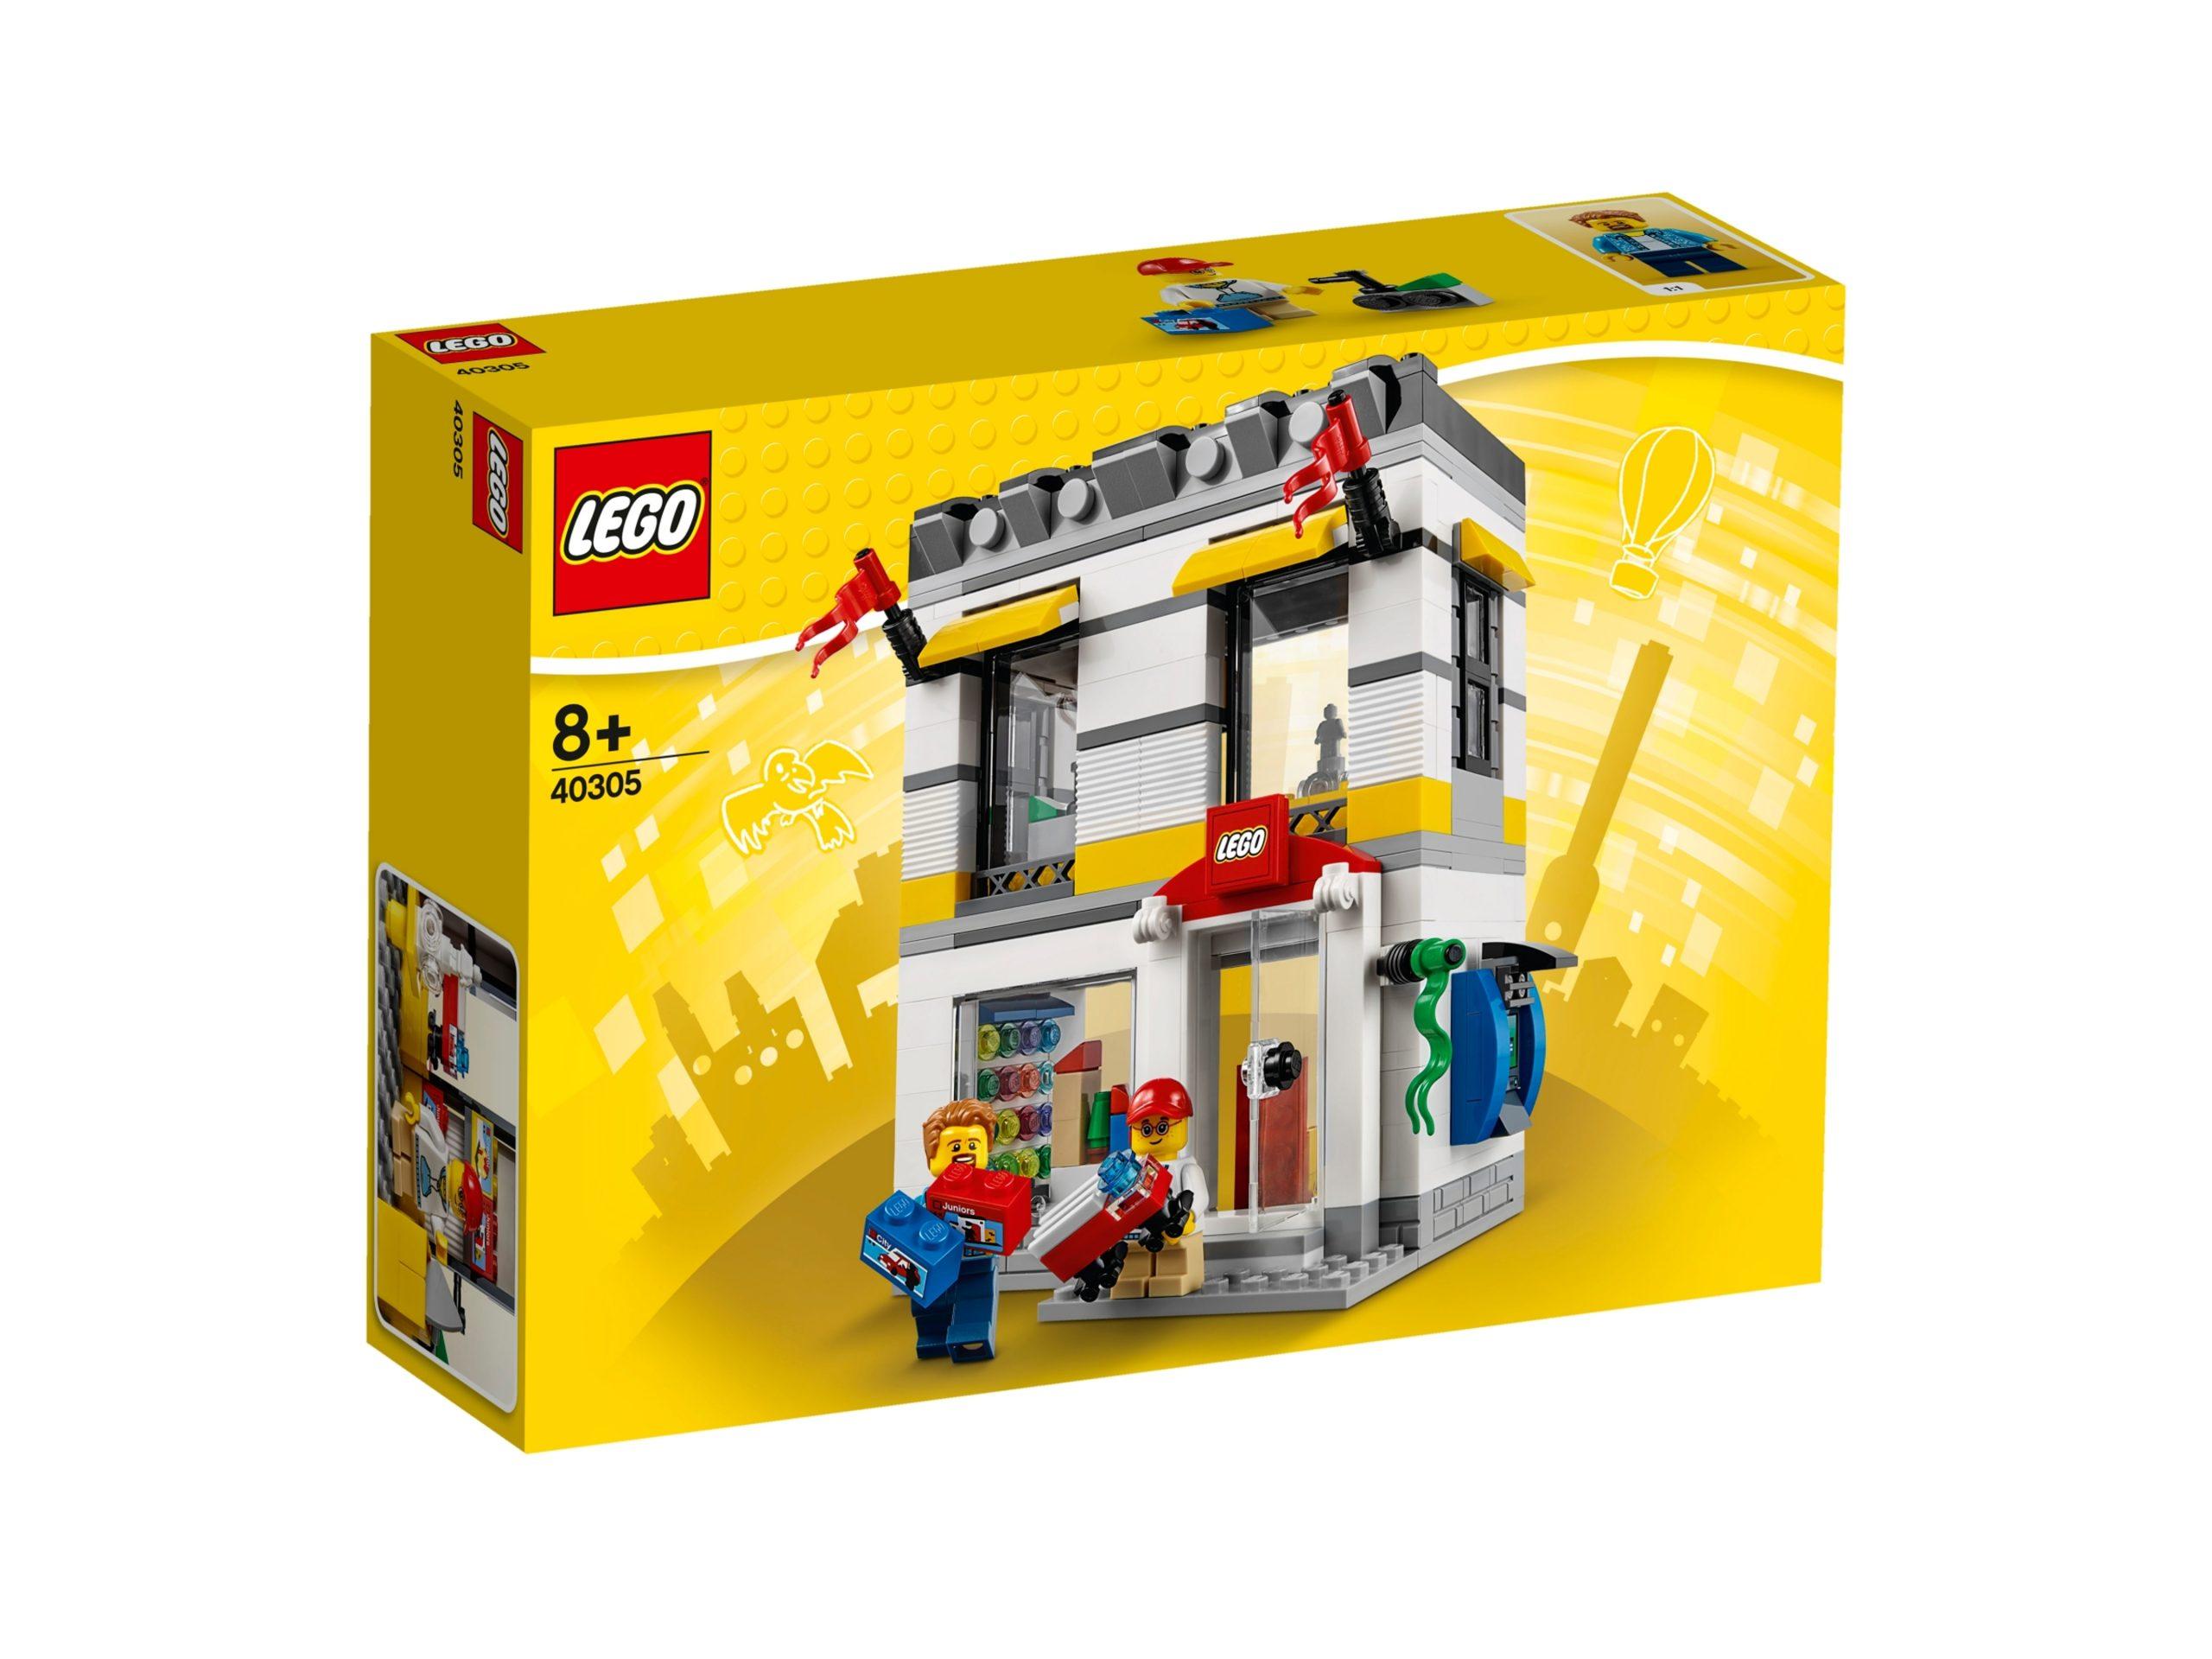 negozio lego 40305 in microscala scaled